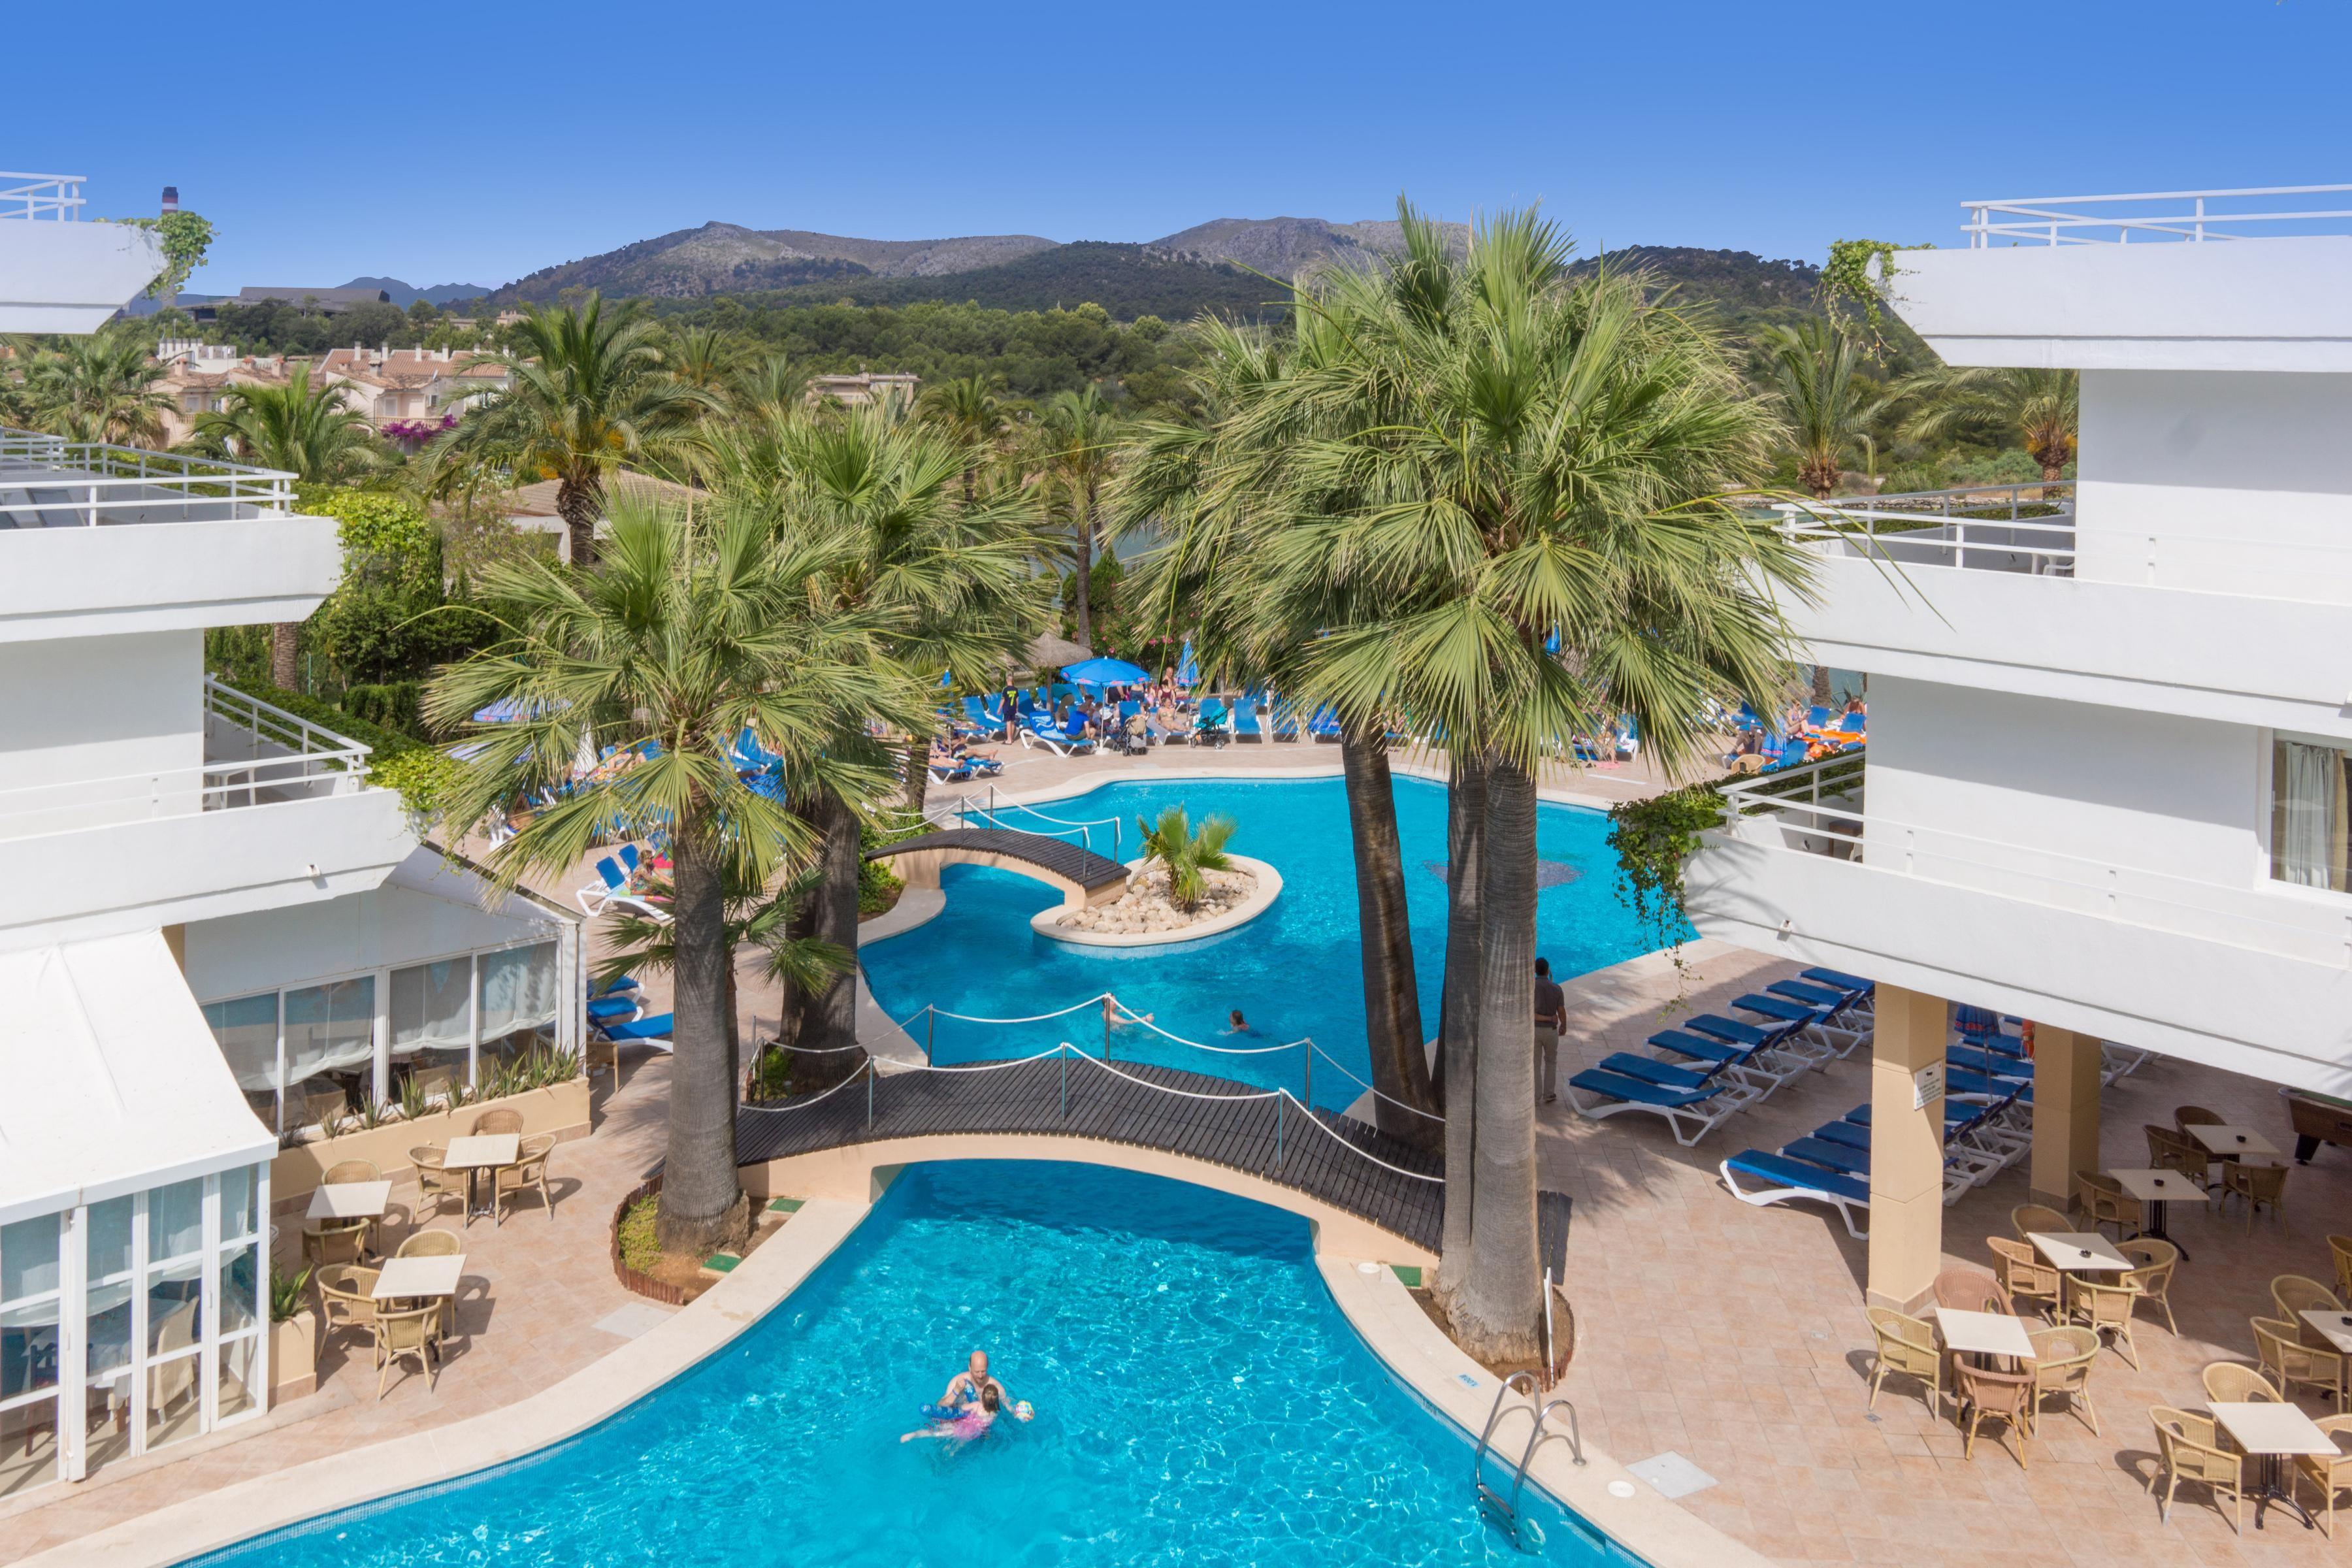 Hotel Bluewater Mallorca Colonia St Jordi